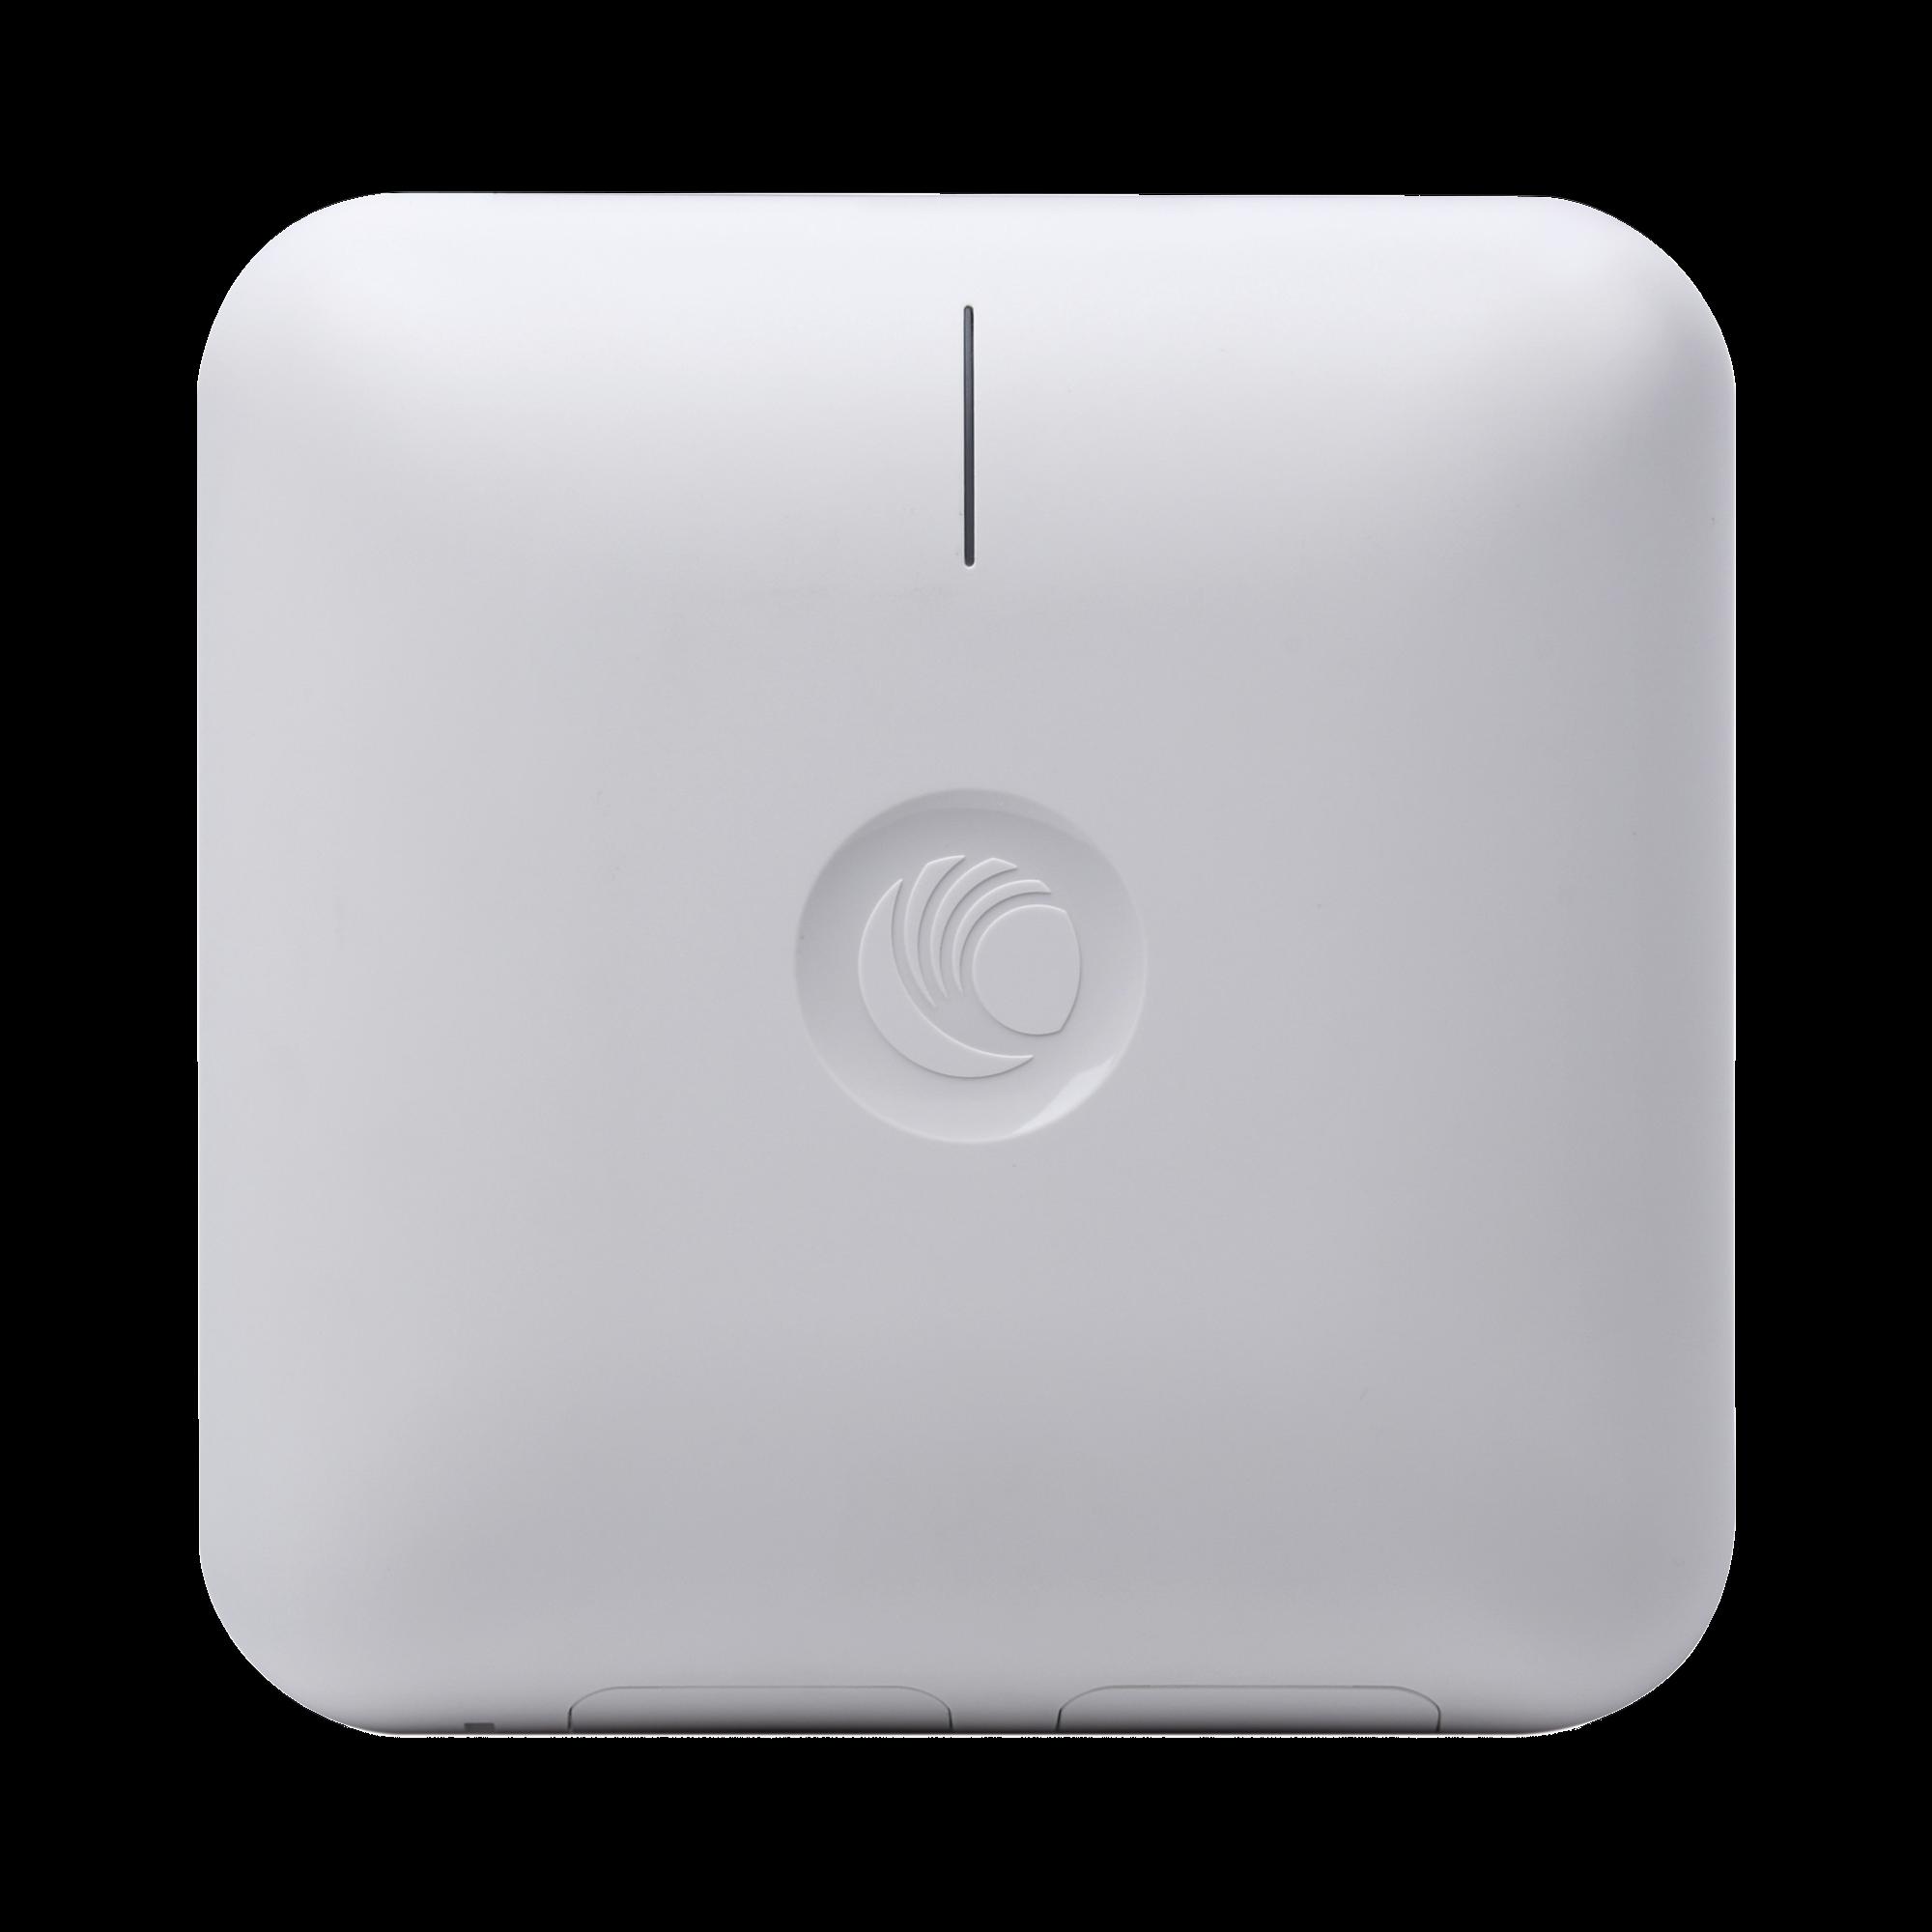 Access Point WiFi cnPilot e600 Indoor para alta cobertura y densidad de usuarios, Doble Banda, Wave 2, MU-MIMO 4X4, antena Beamforming Omnidireccional, hasta 512 clientes